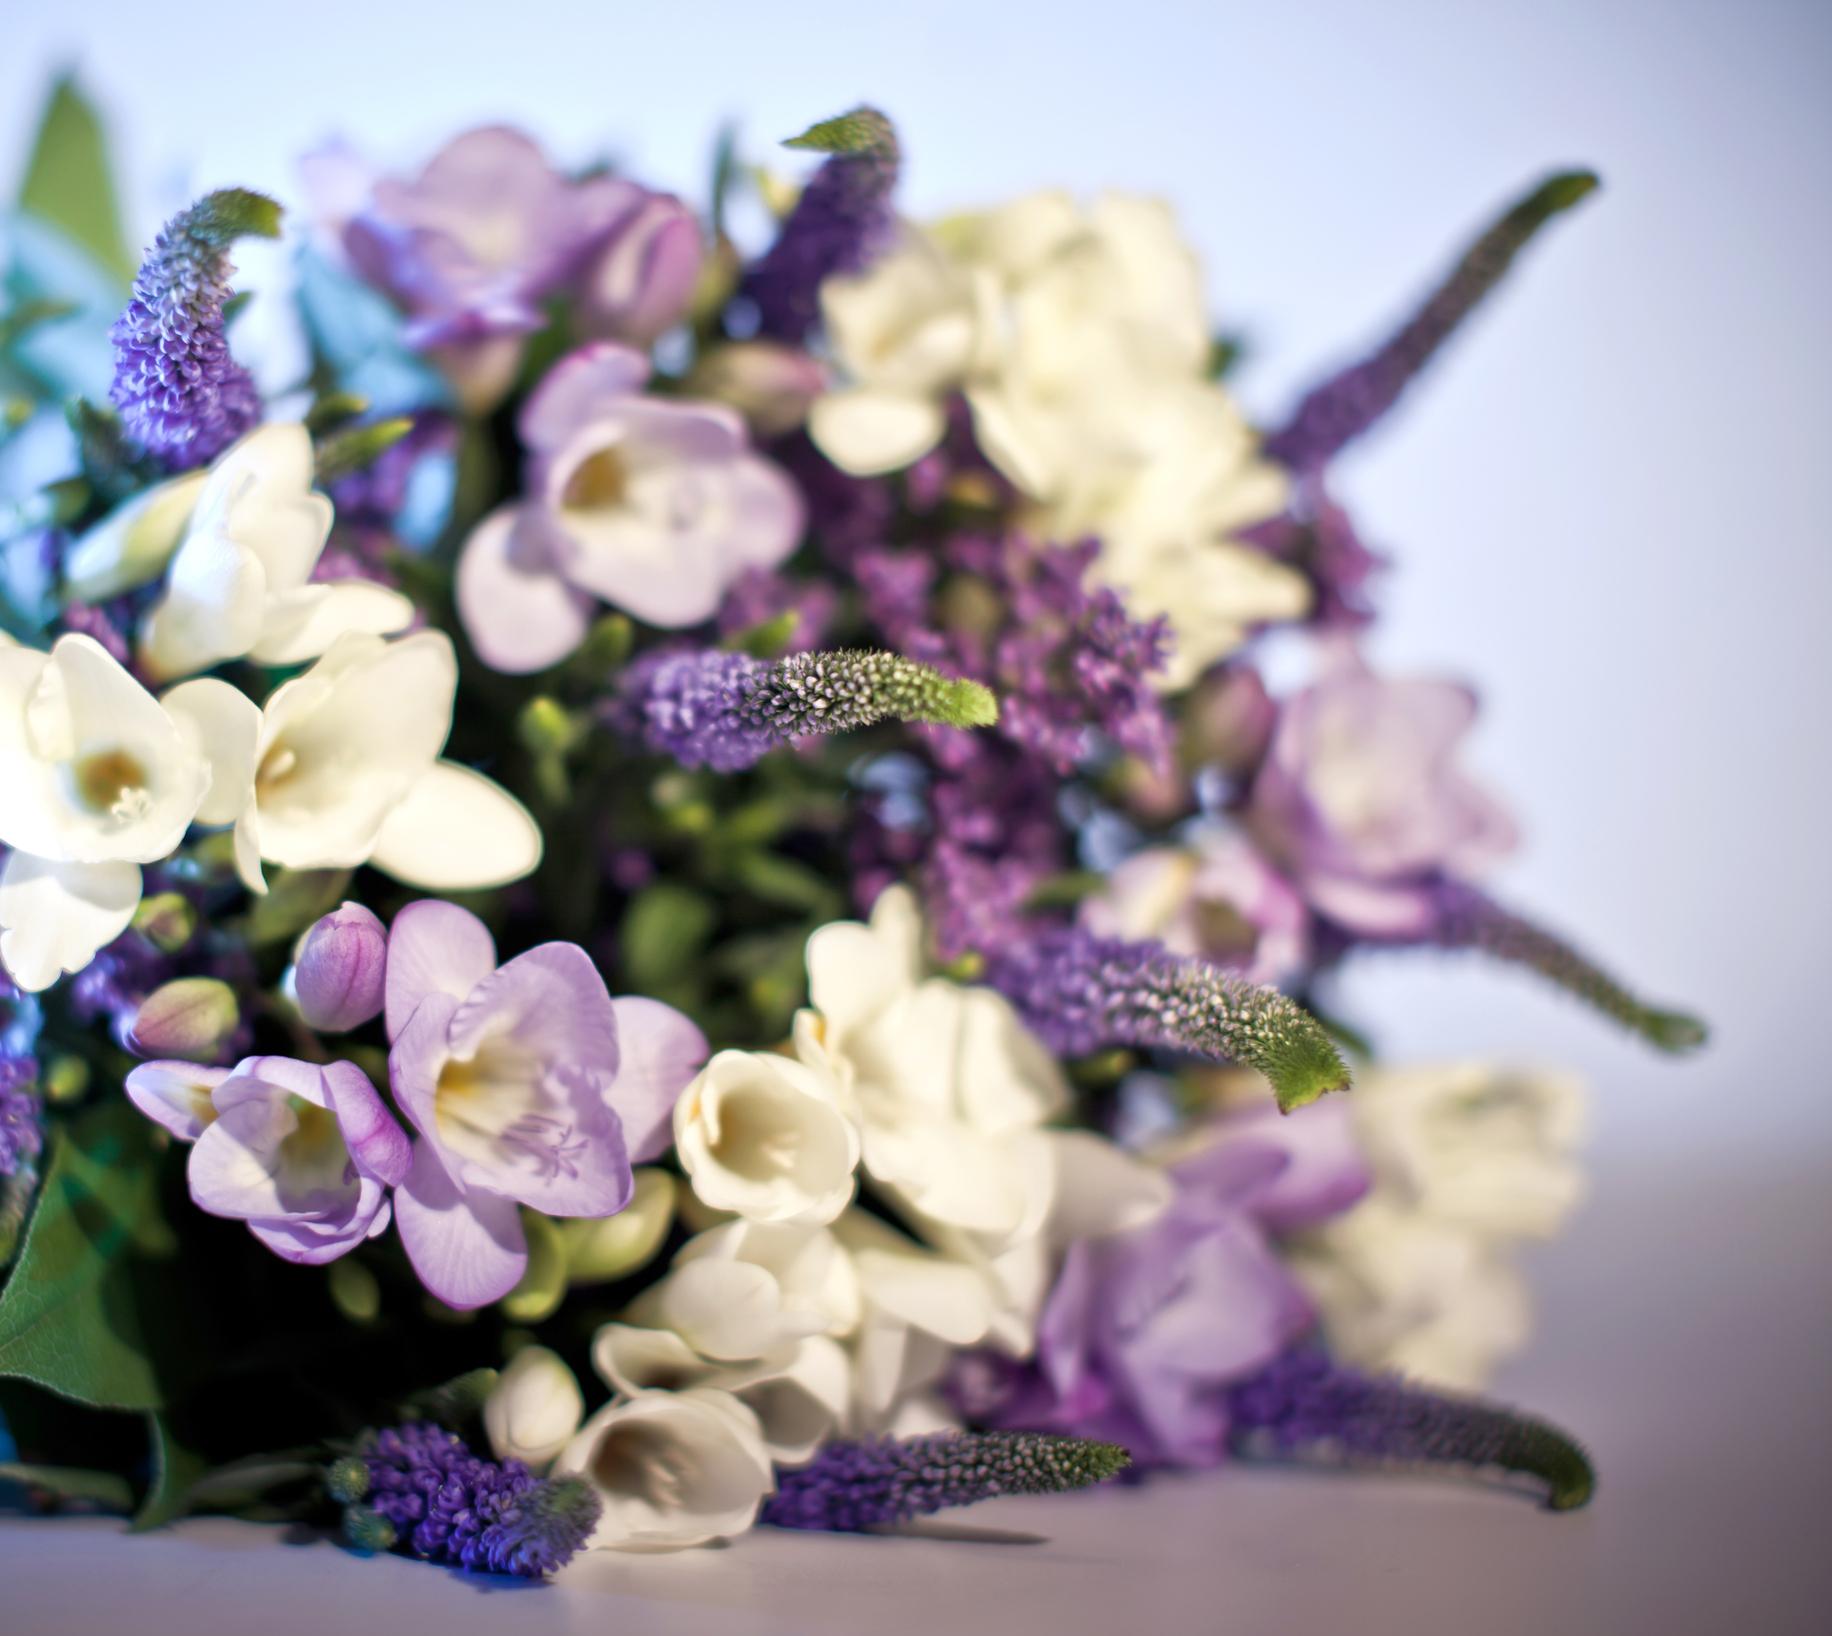 Comment bien choisir les fleurs pour des funérailles